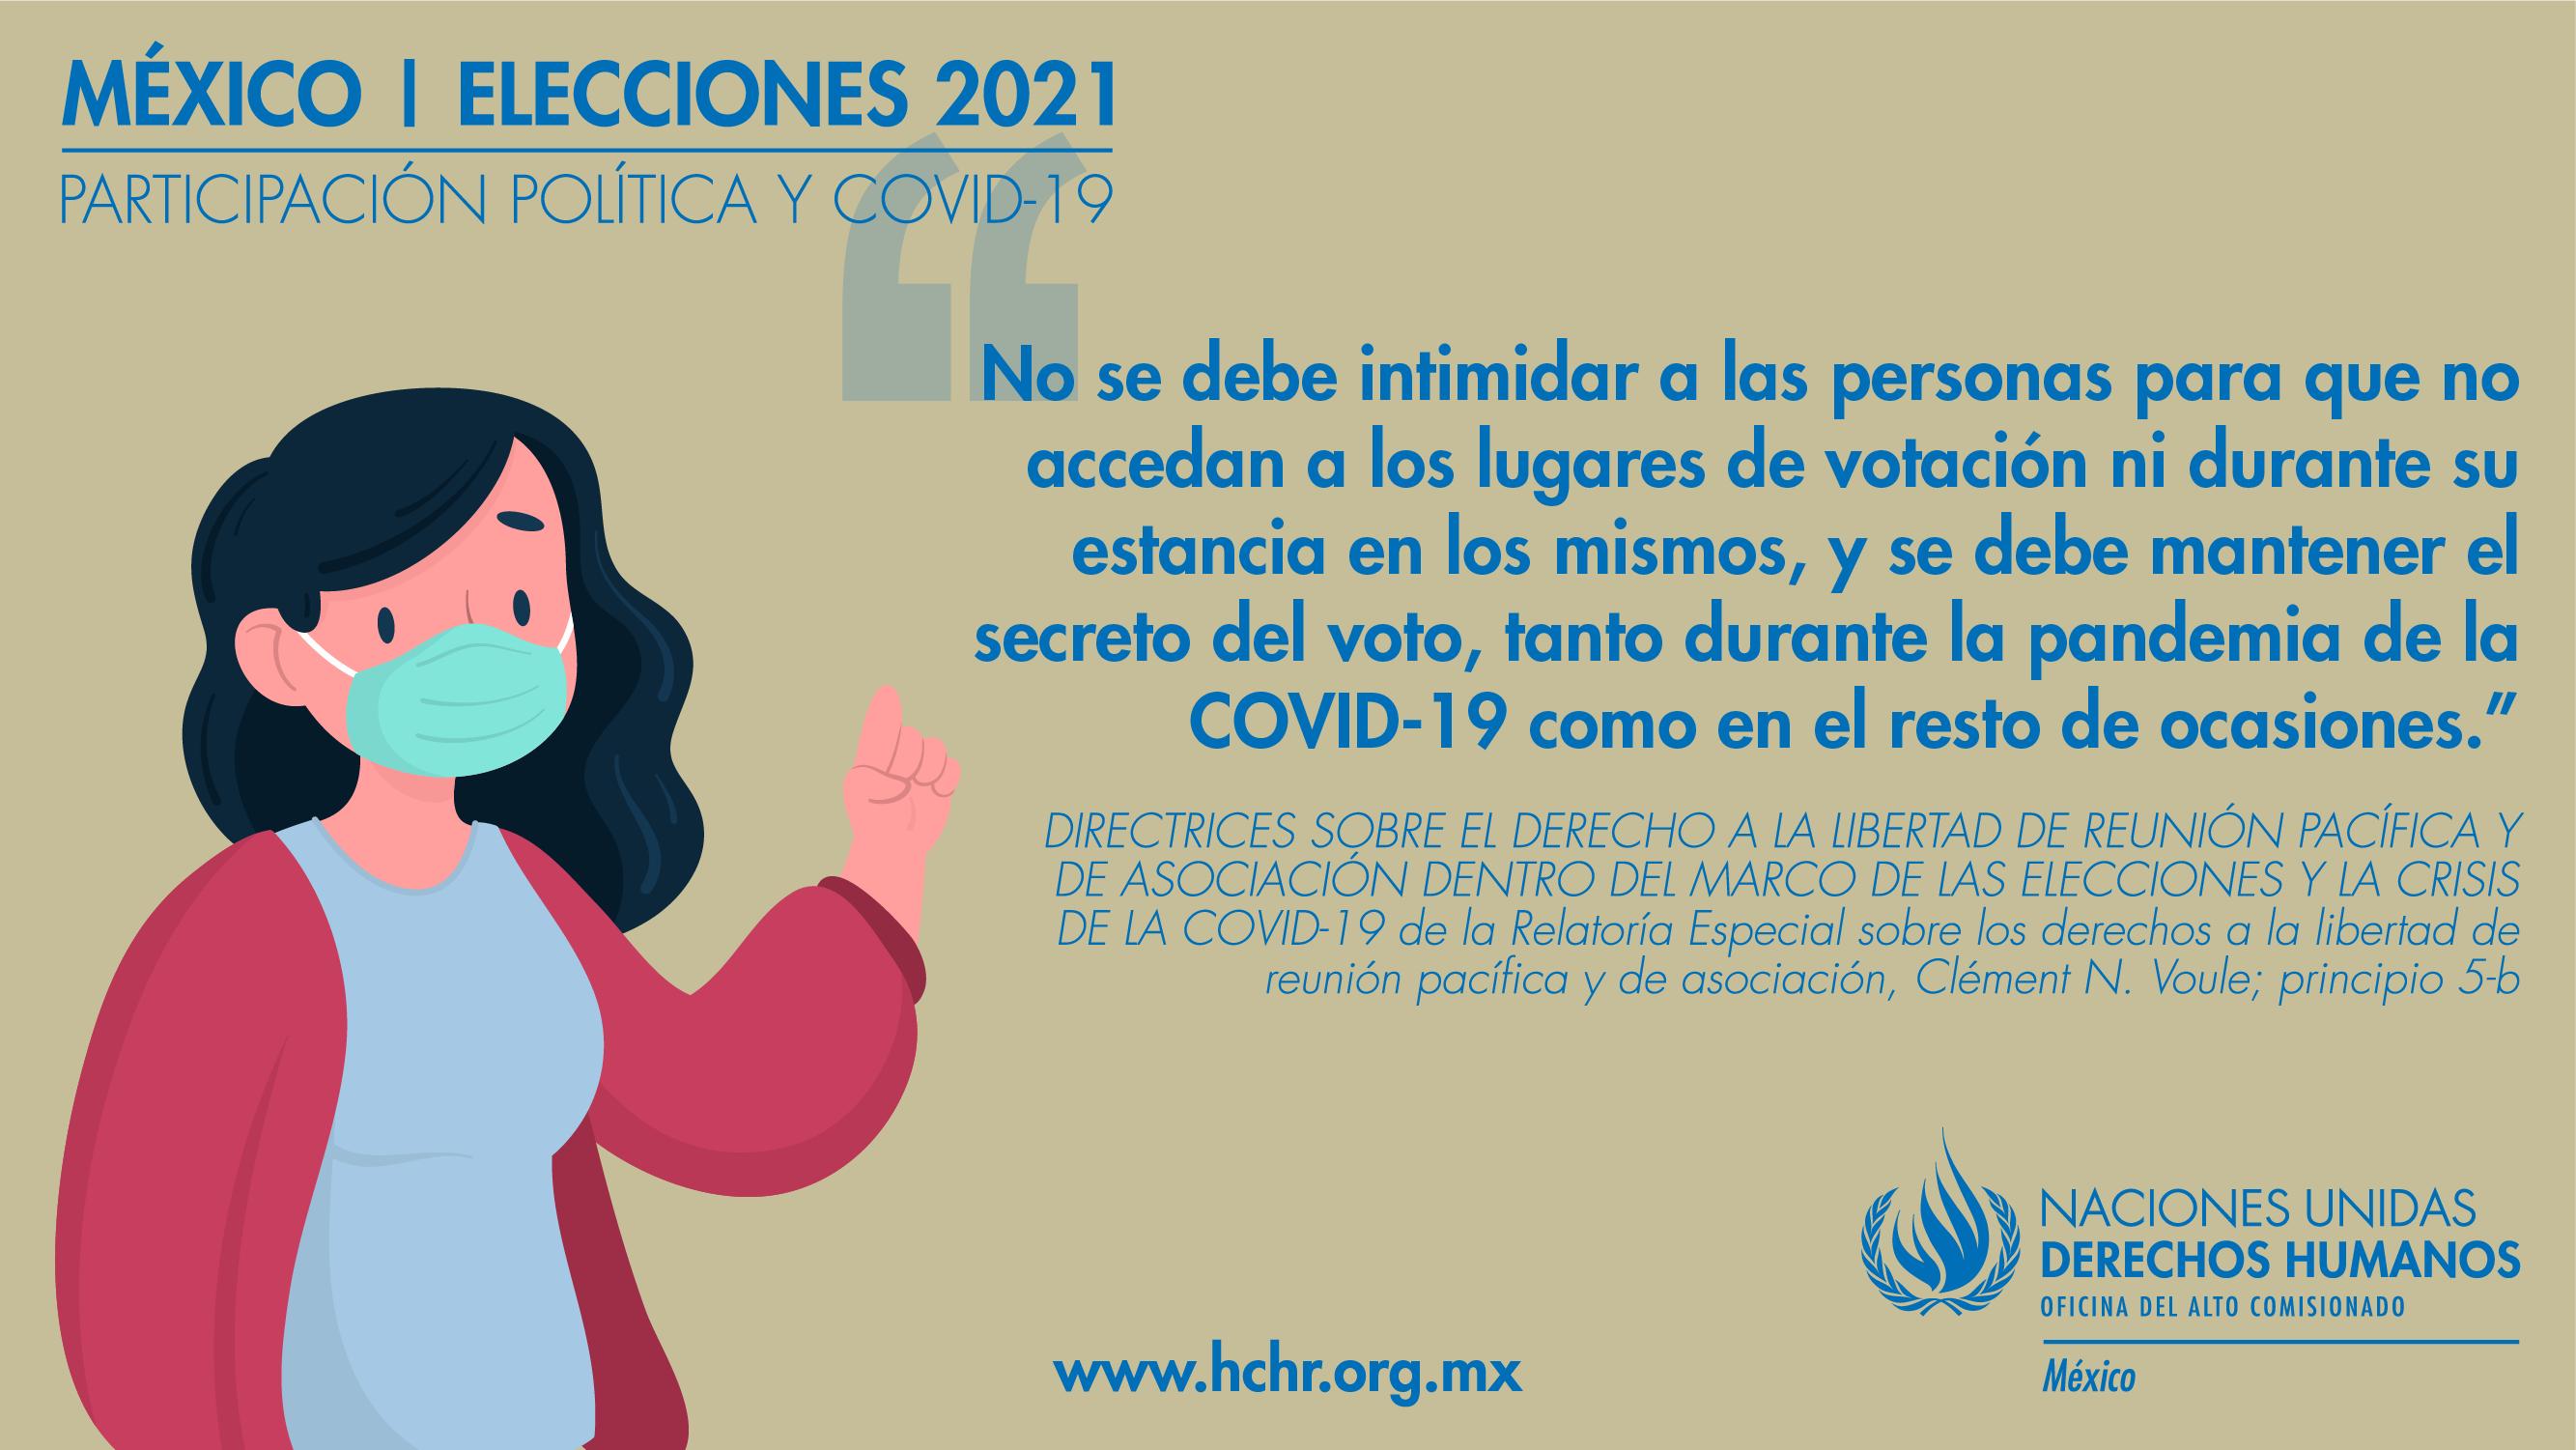 Postales_EstándaresDH_Elecciones_Mesa de trabajo 1 copia 19